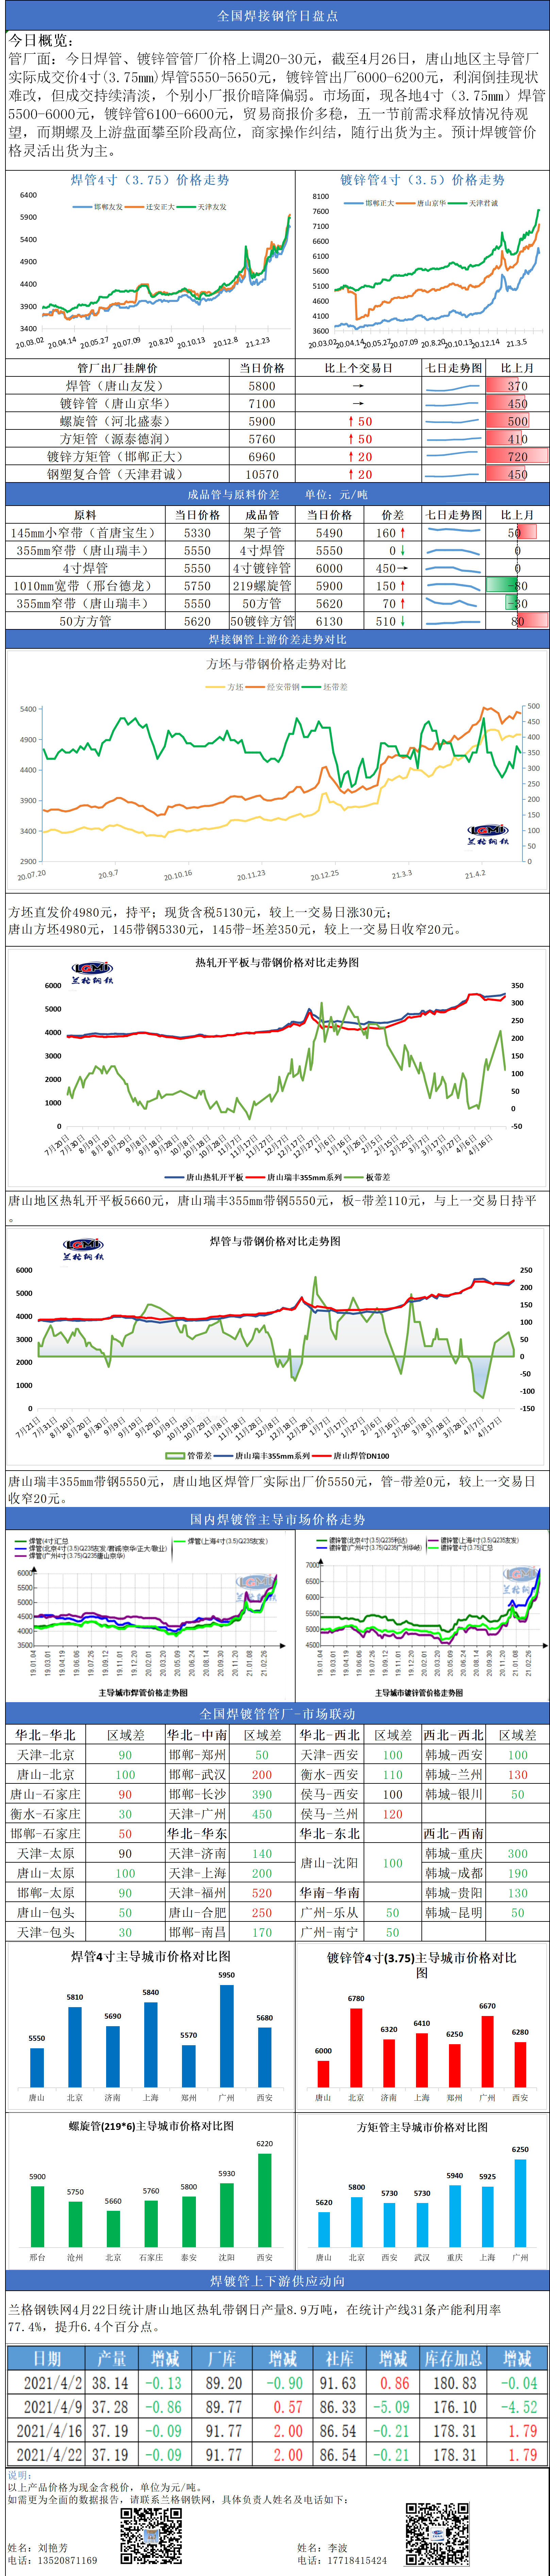 兰格焊接钢管日盘点(4.26): 焦炭三轮提涨 而焊镀管市场高位有弱